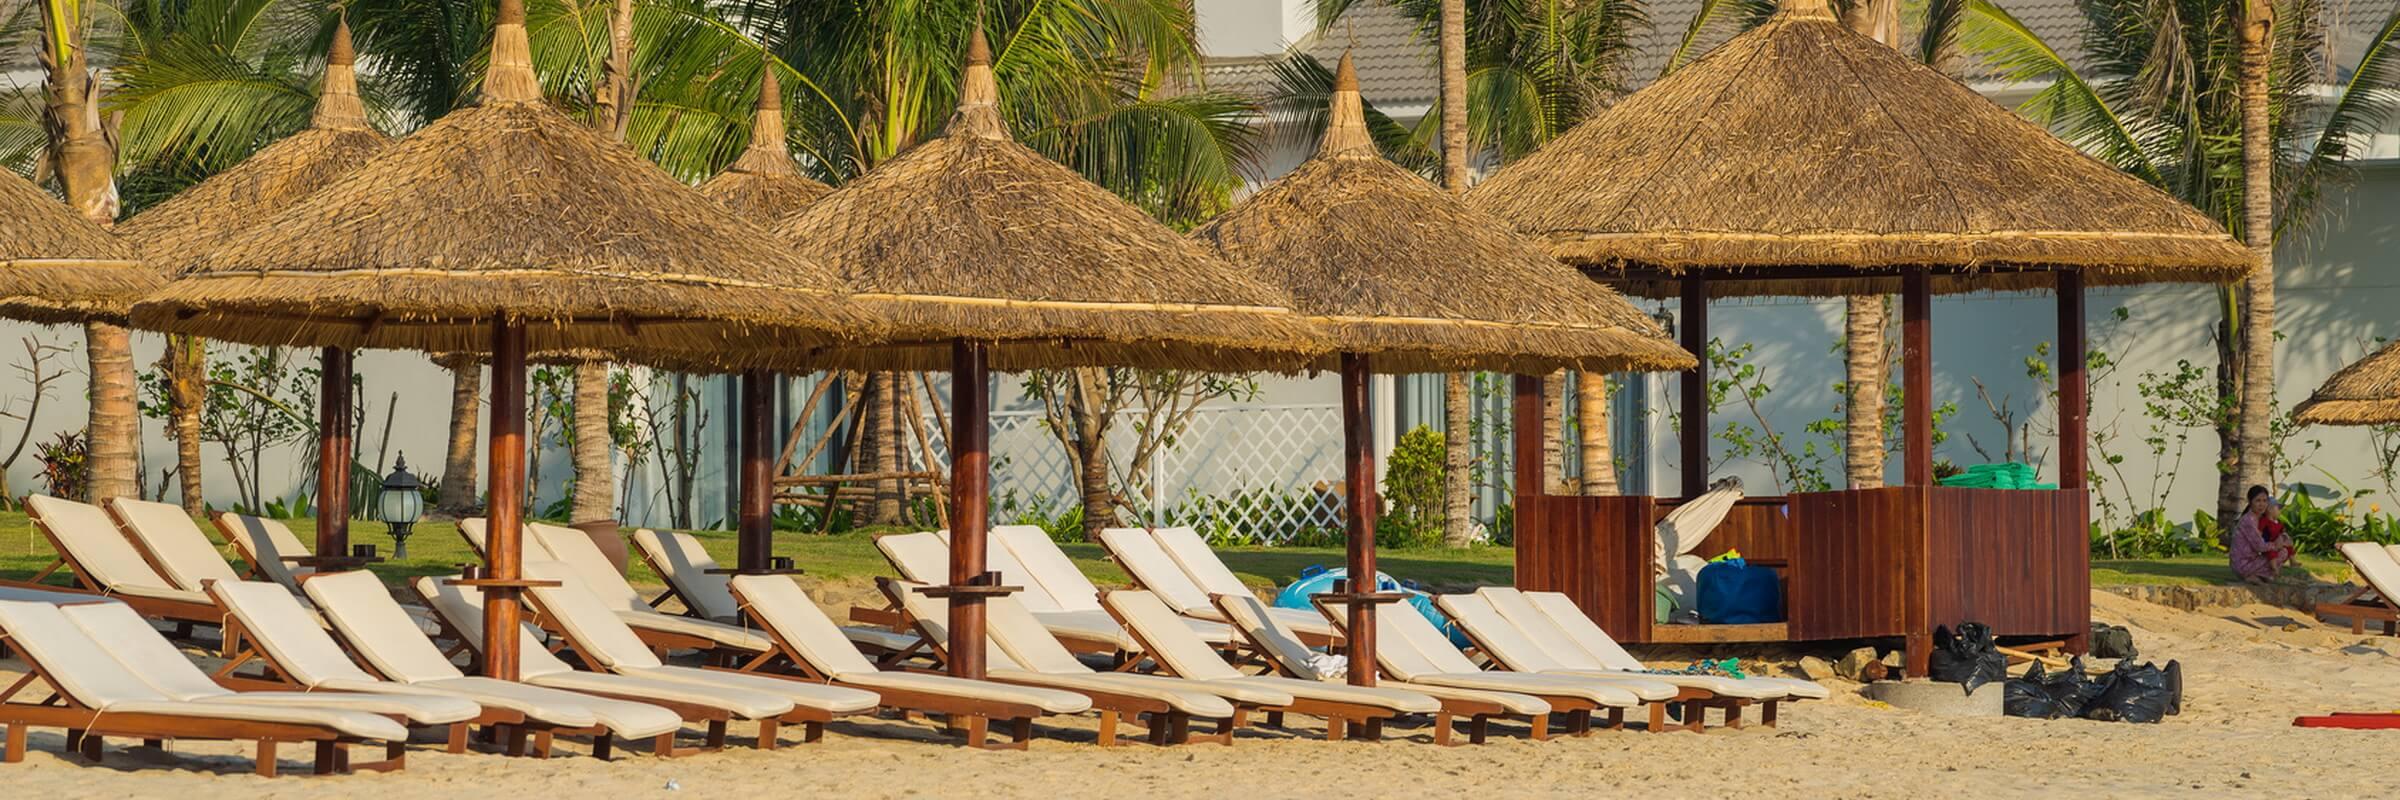 Entlang der Strandpromenade von Nha Trang gibt es Sonnenschirme, Liegestühle und einen umfassenden Strandservice sowie Cafés und Restaurants.